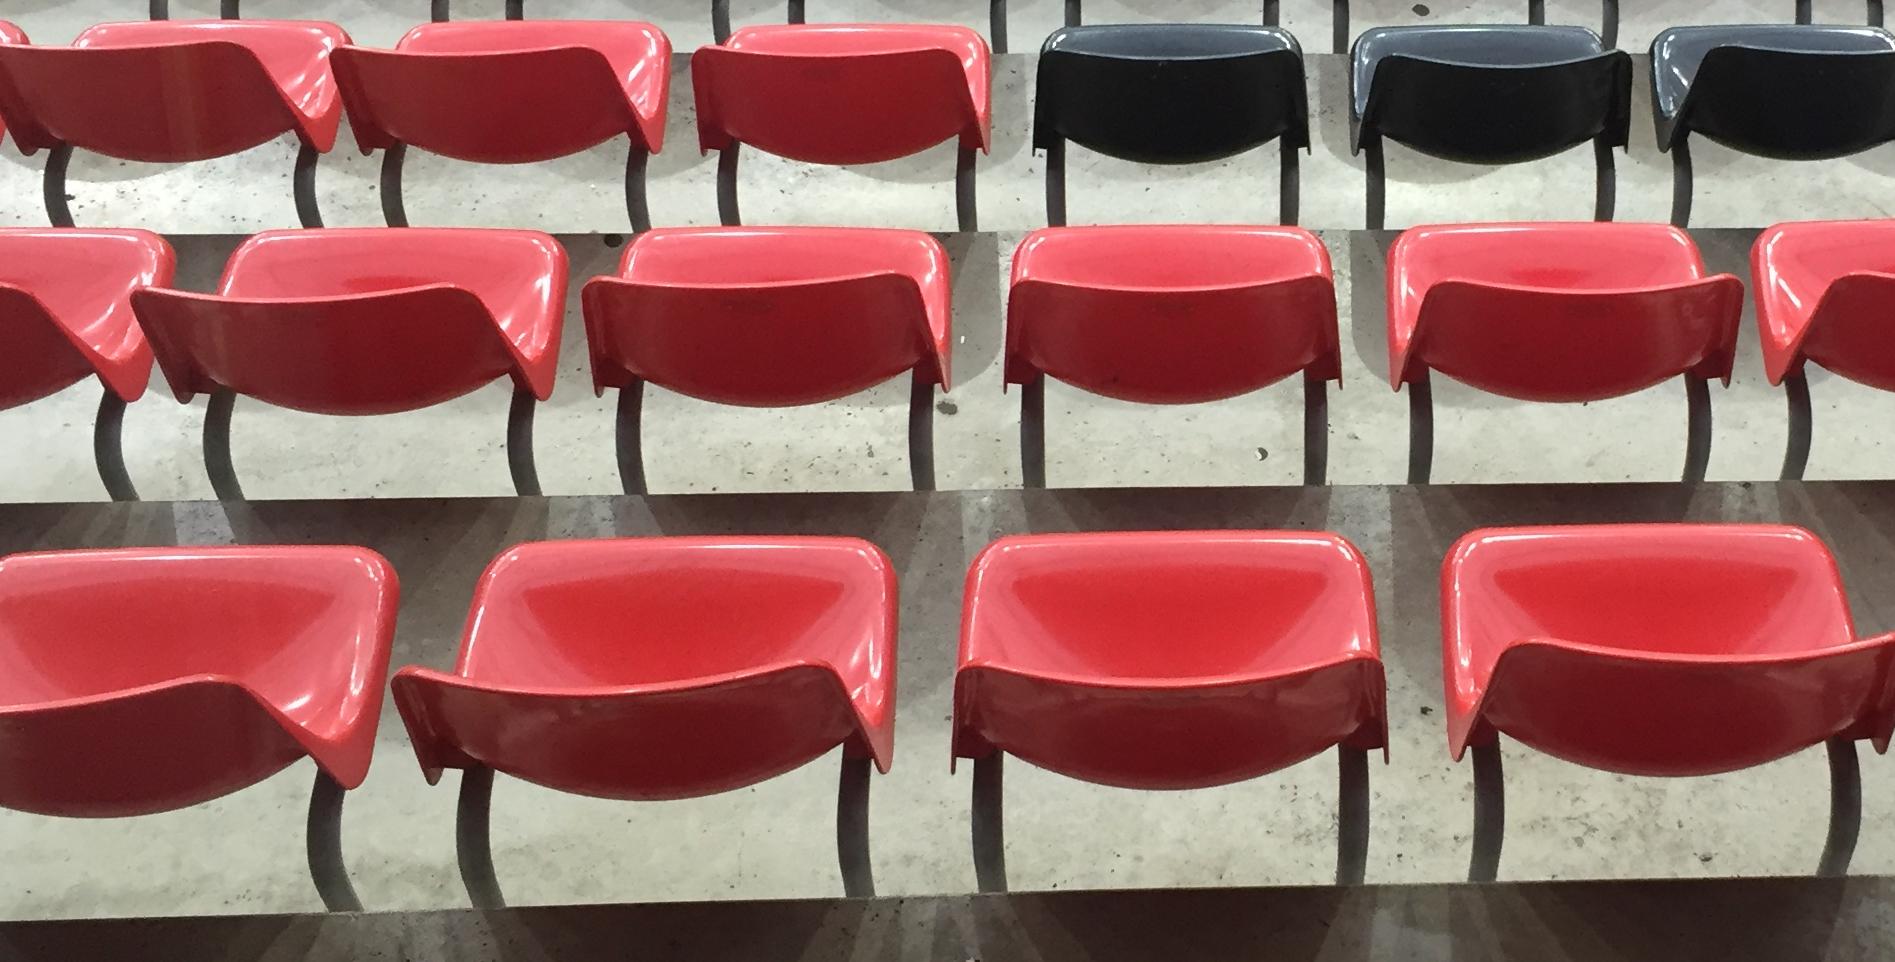 Der Bundesliga-Club als Marke